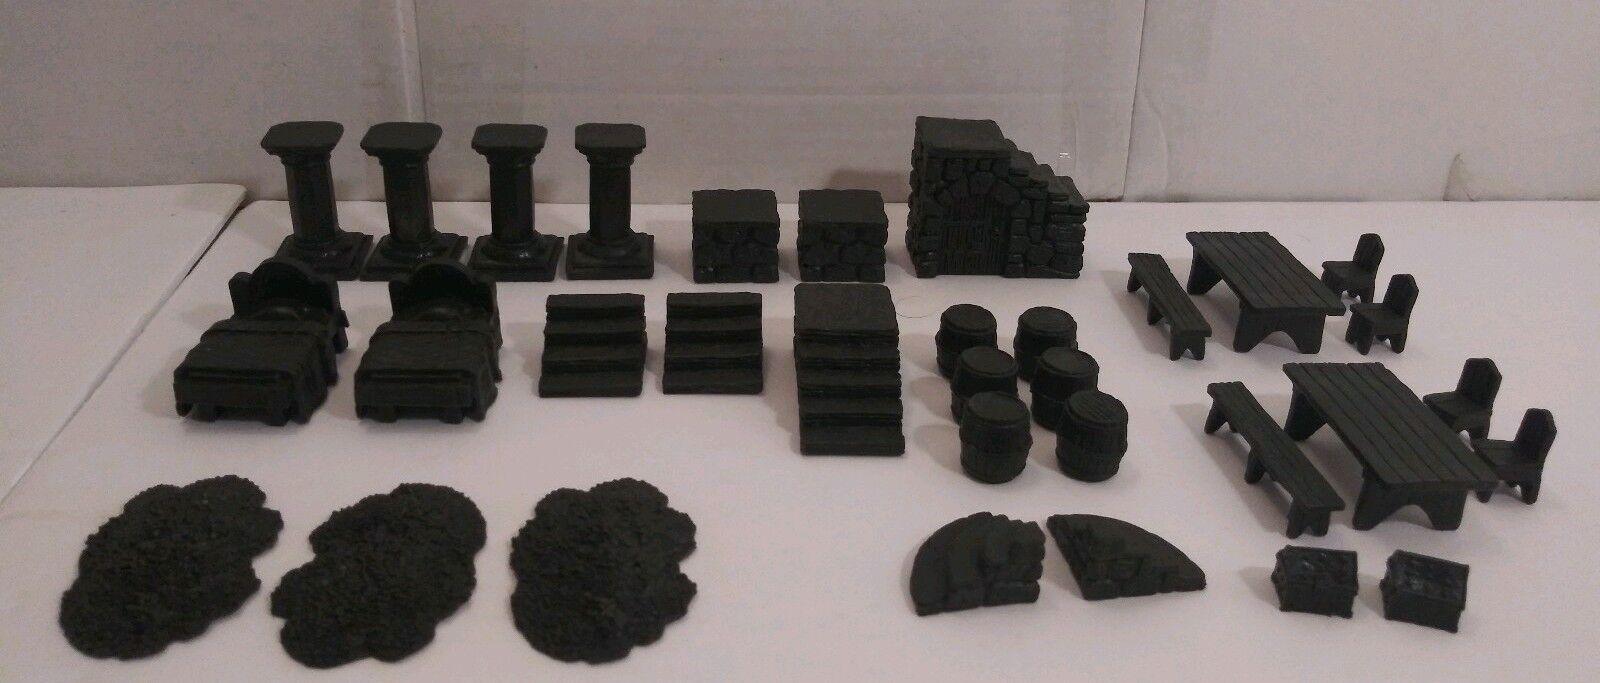 Dvärven Forge 33 e stycket Oförändrad Dvärvenit Maze Dungeon Tabeller